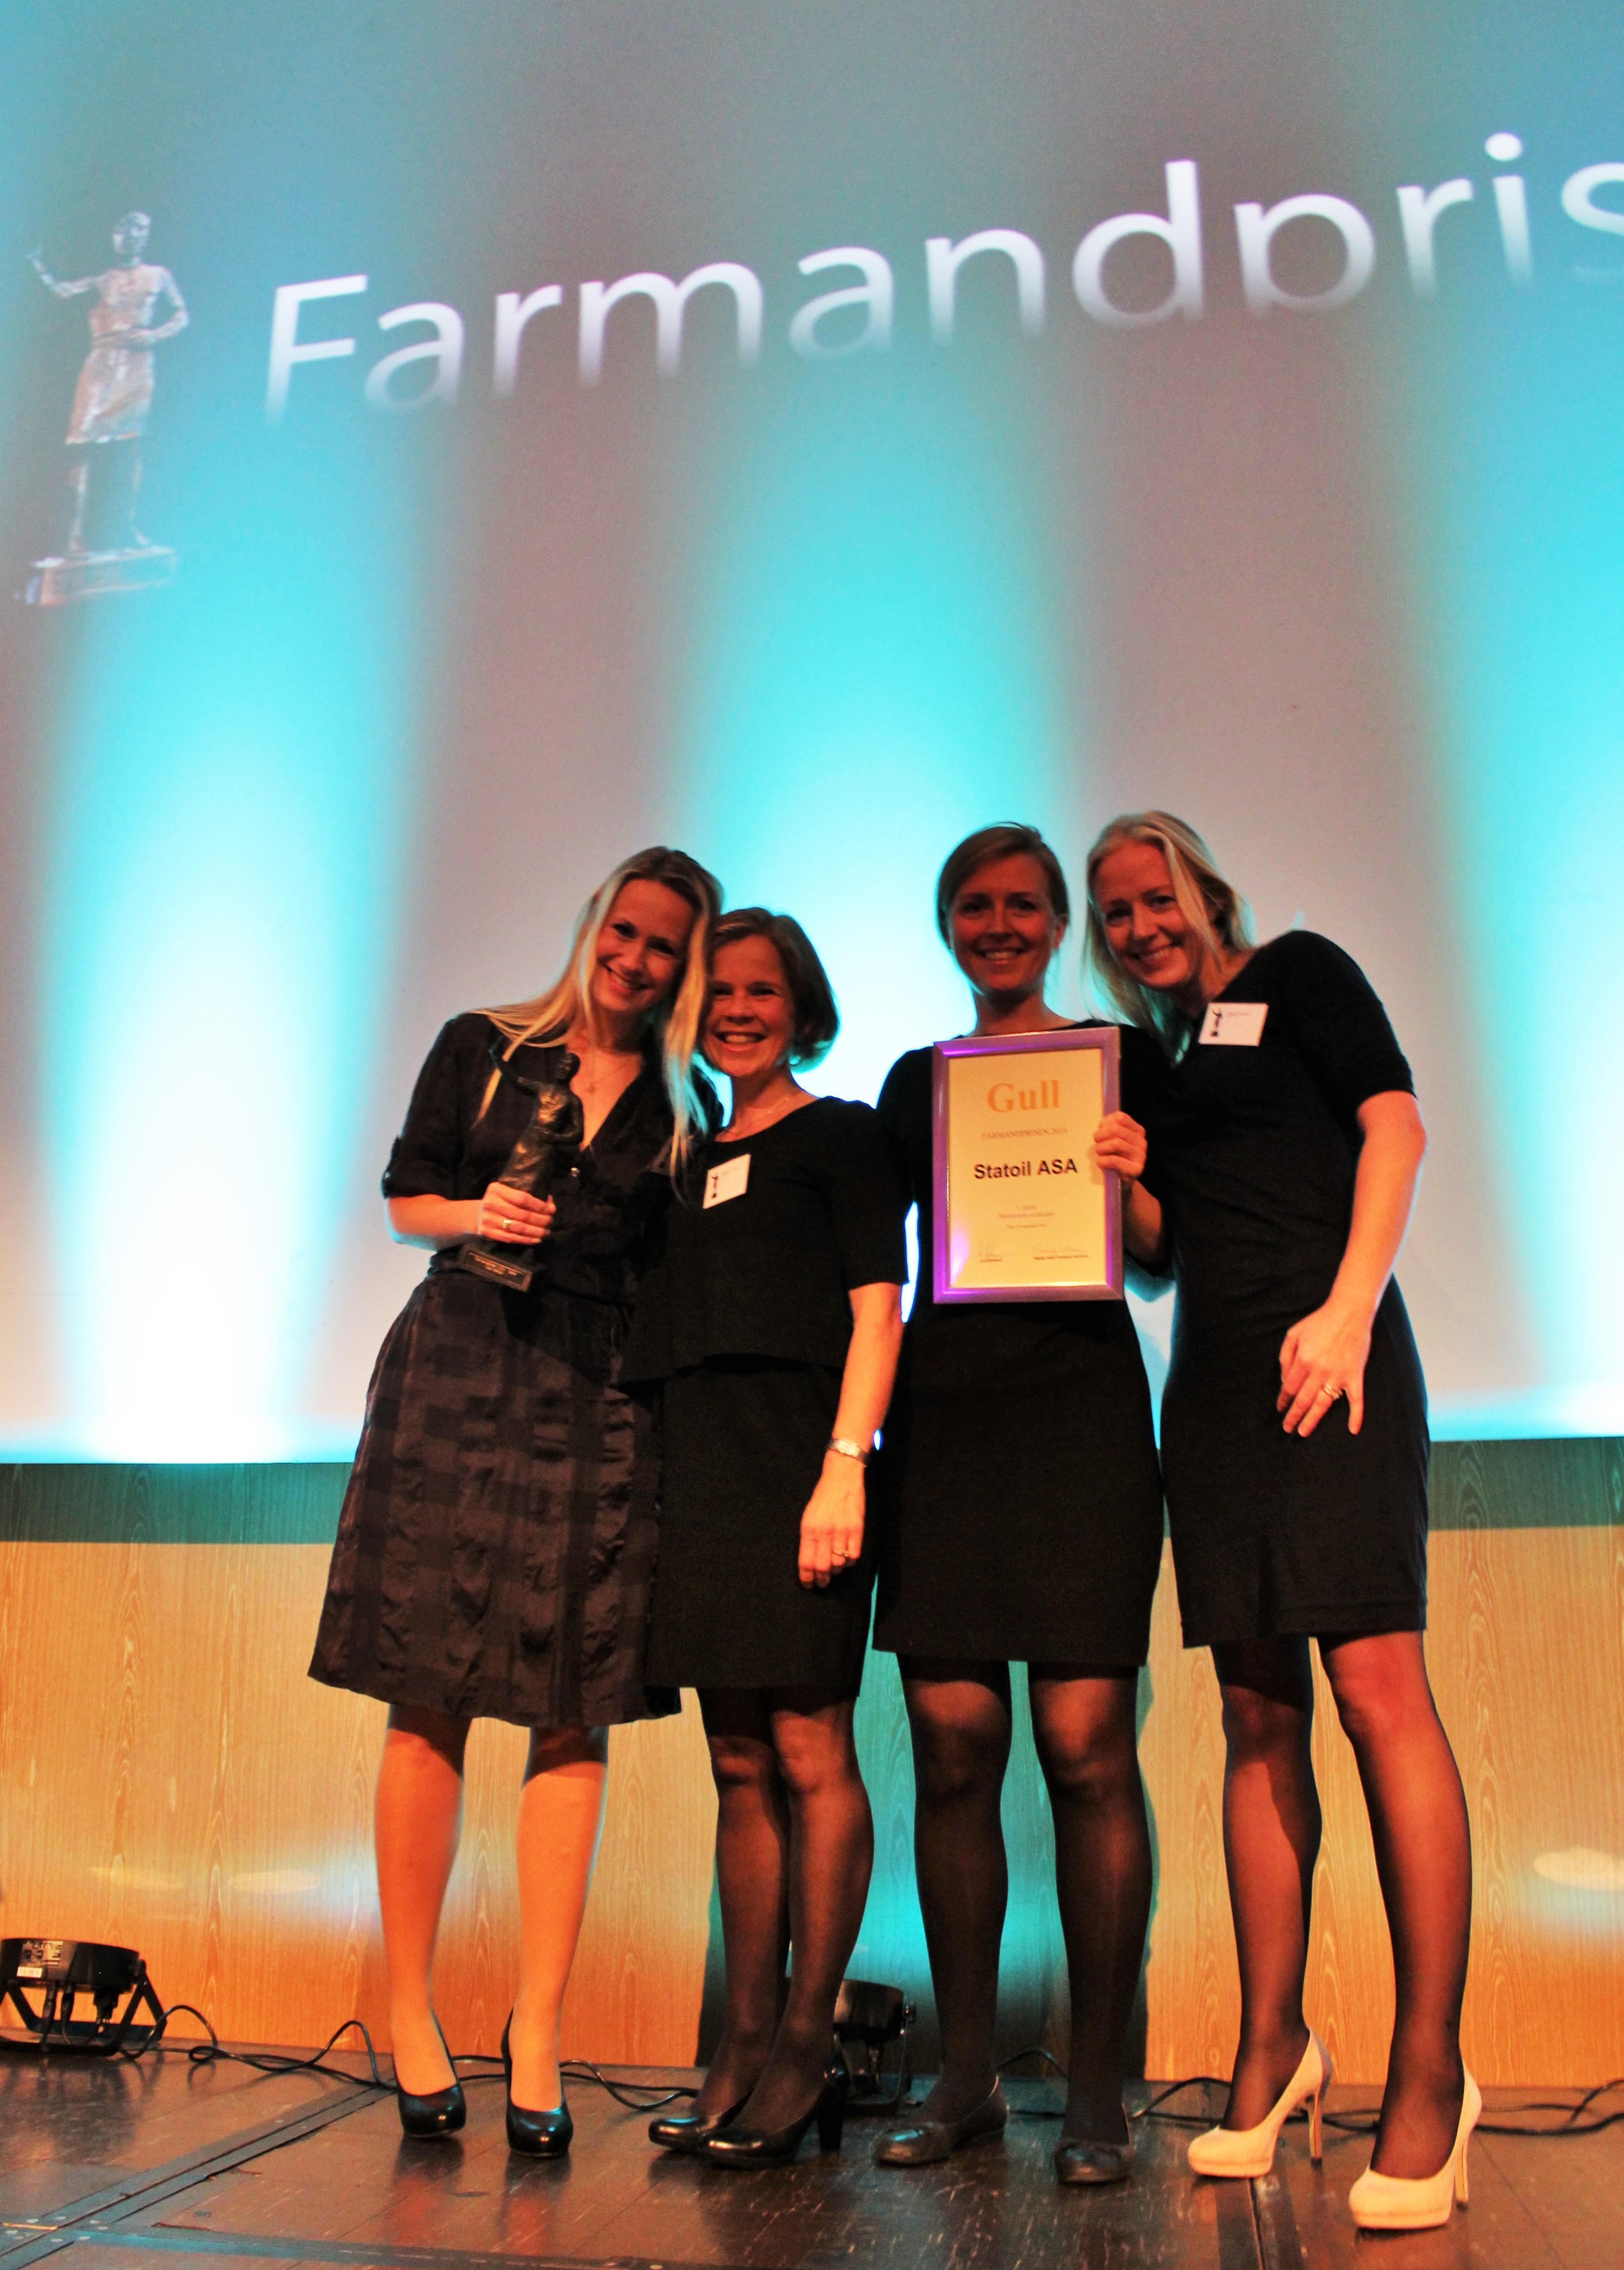 Farmandprisen Beste Årsrapport 2014 - Børsnoterte selskaper nr 1: Statoil ASA